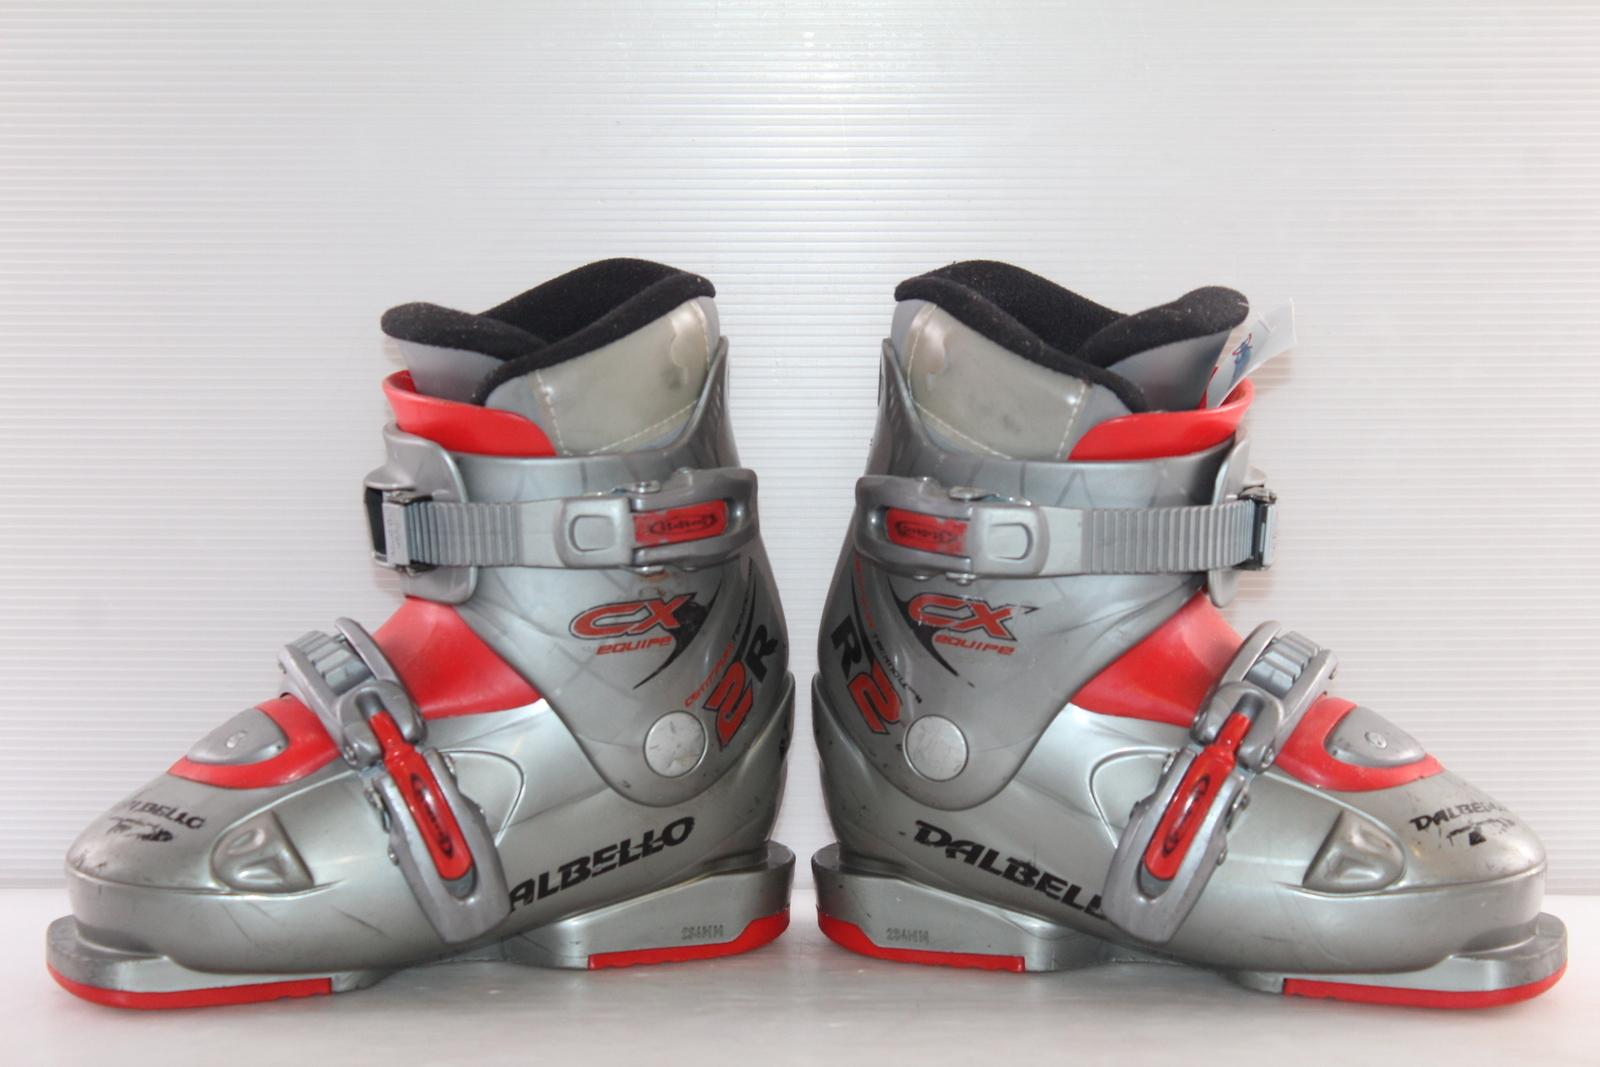 Dětské lyžáky Dalbello CX Equipe R2 vel. EU30.5